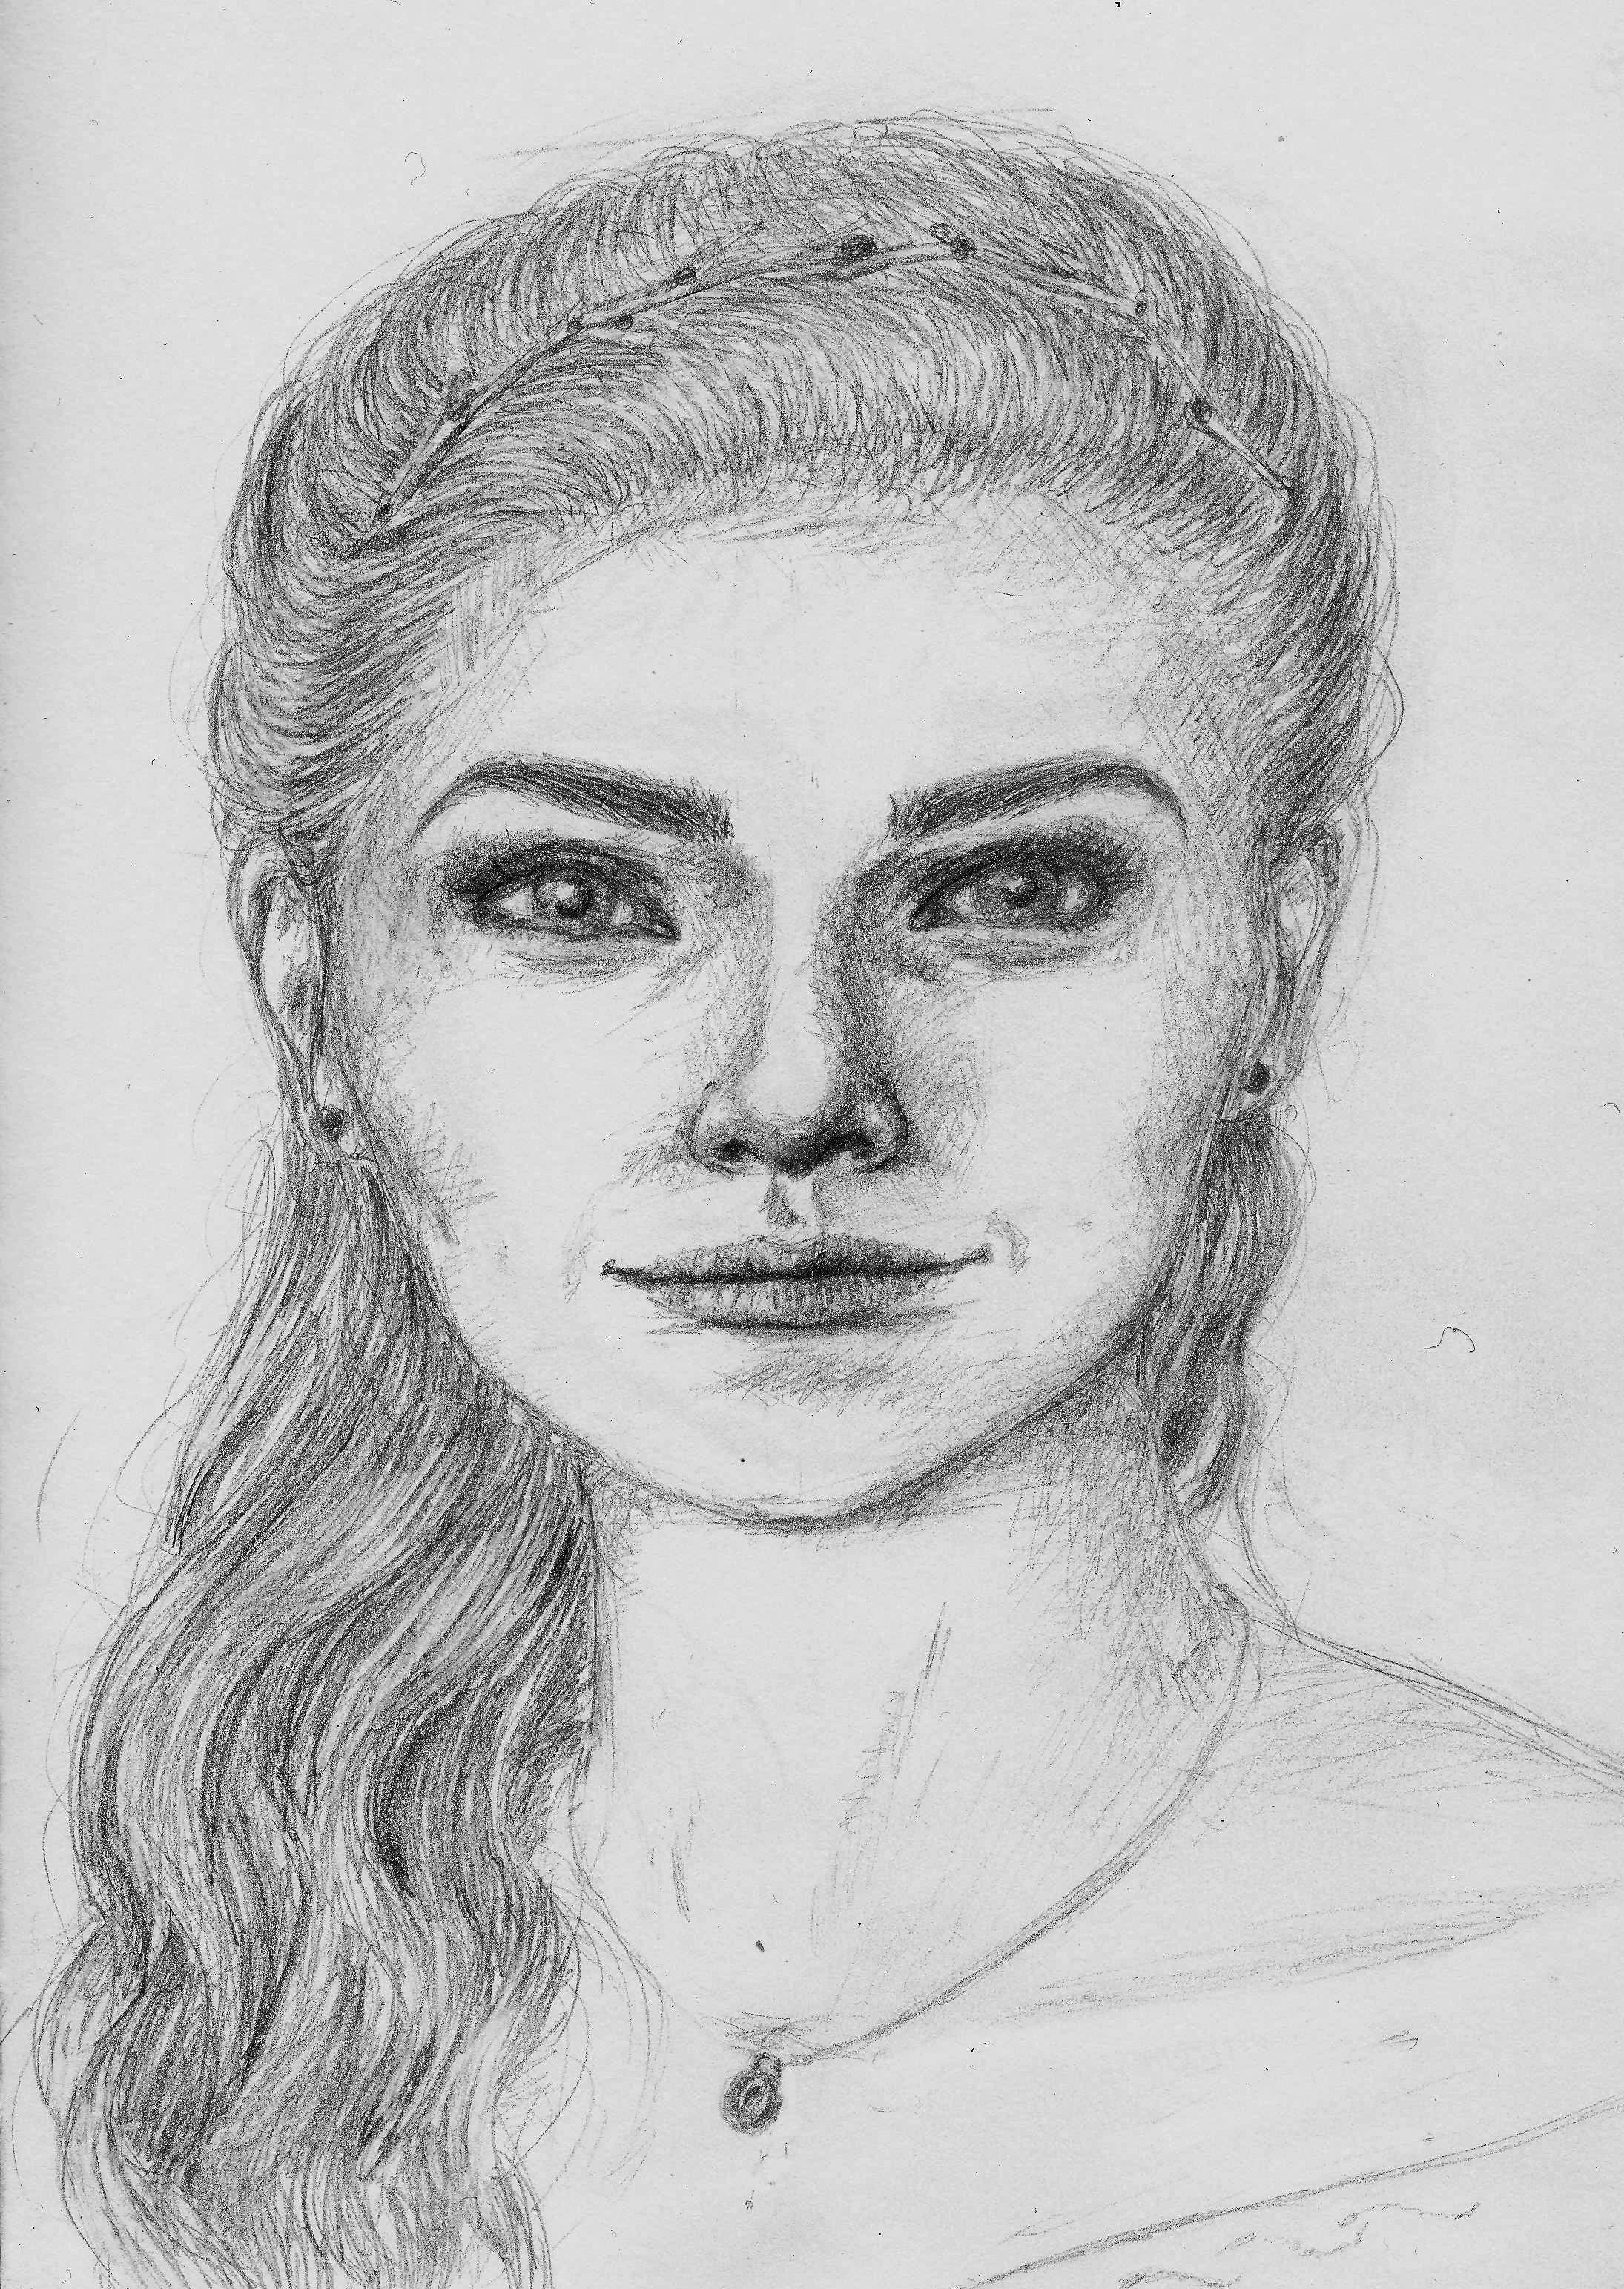 Kyna Sketch